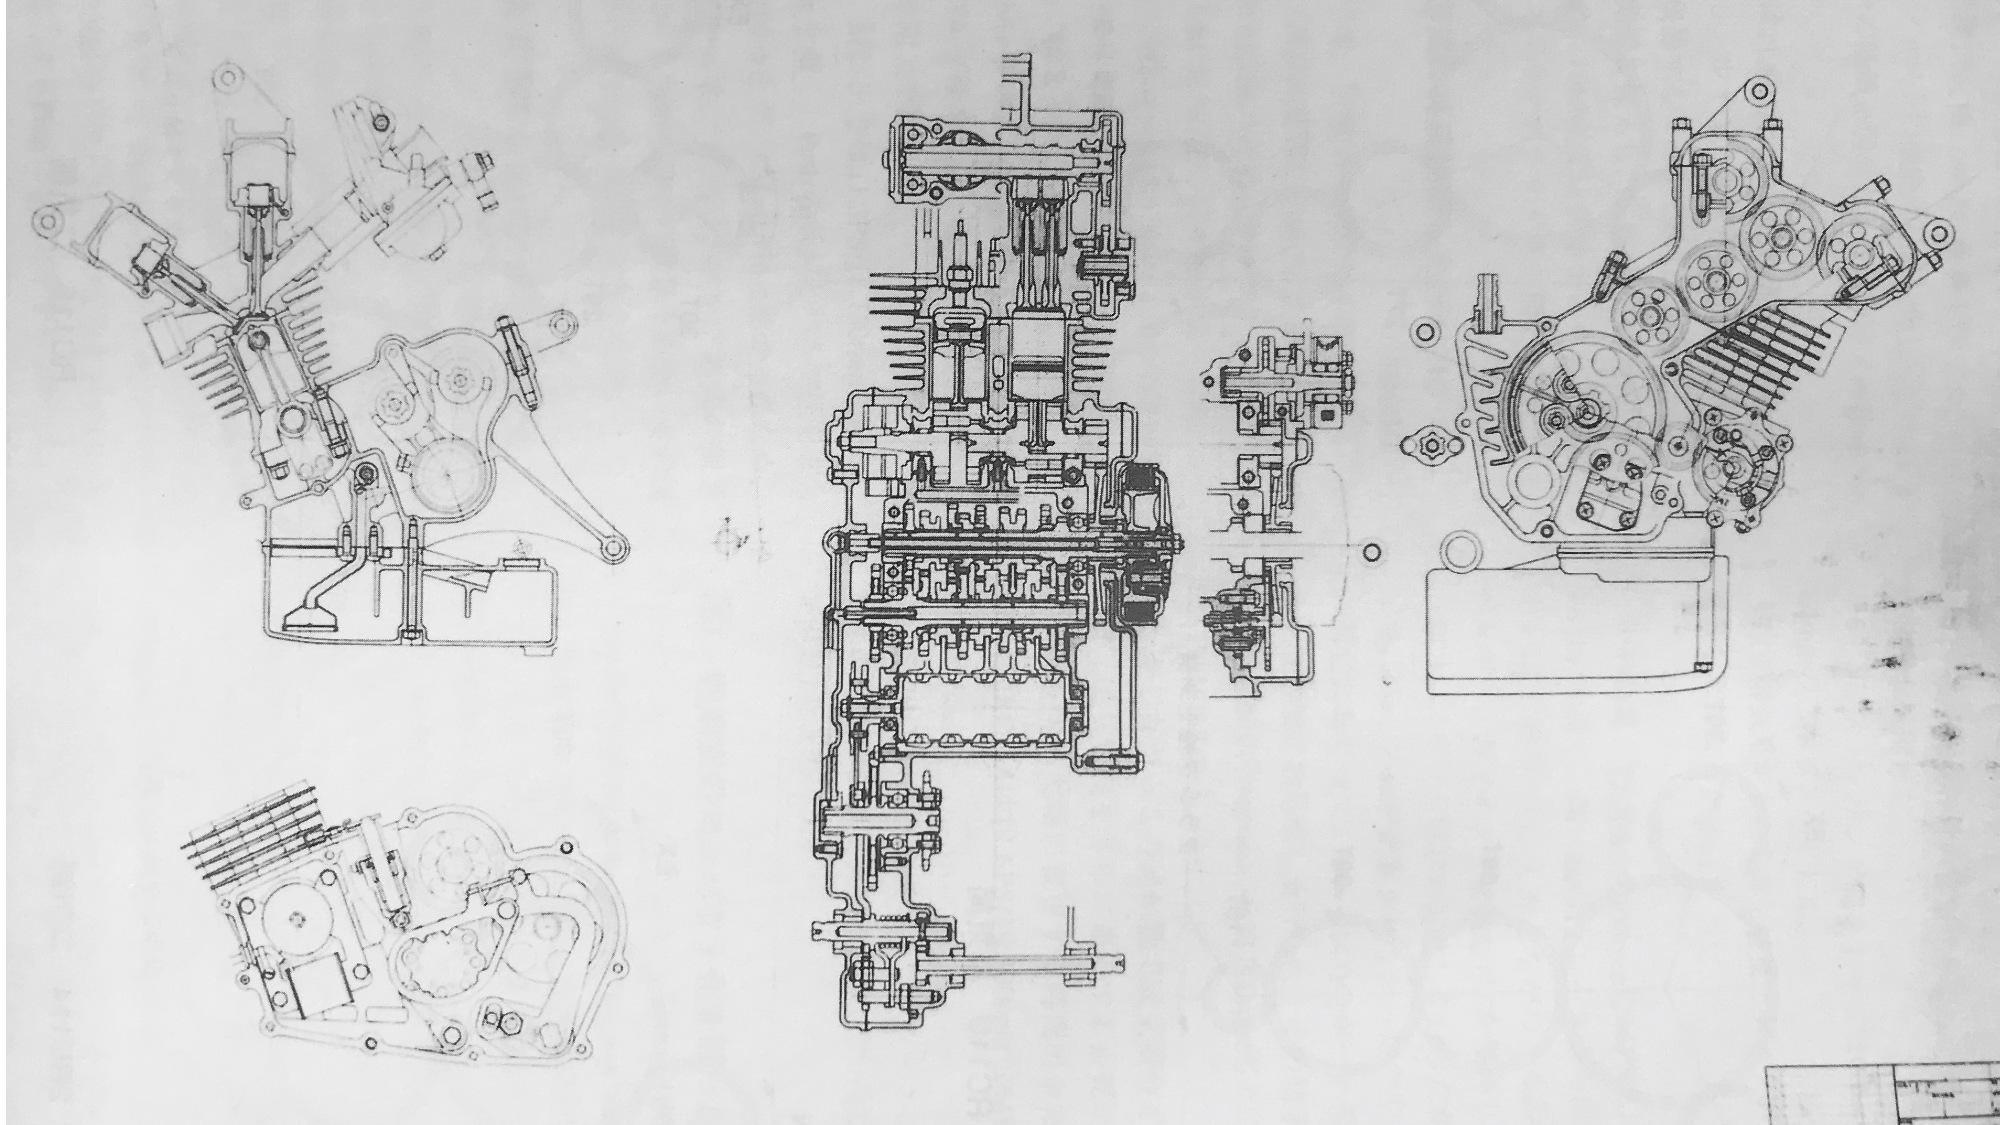 Honda 1965 engine